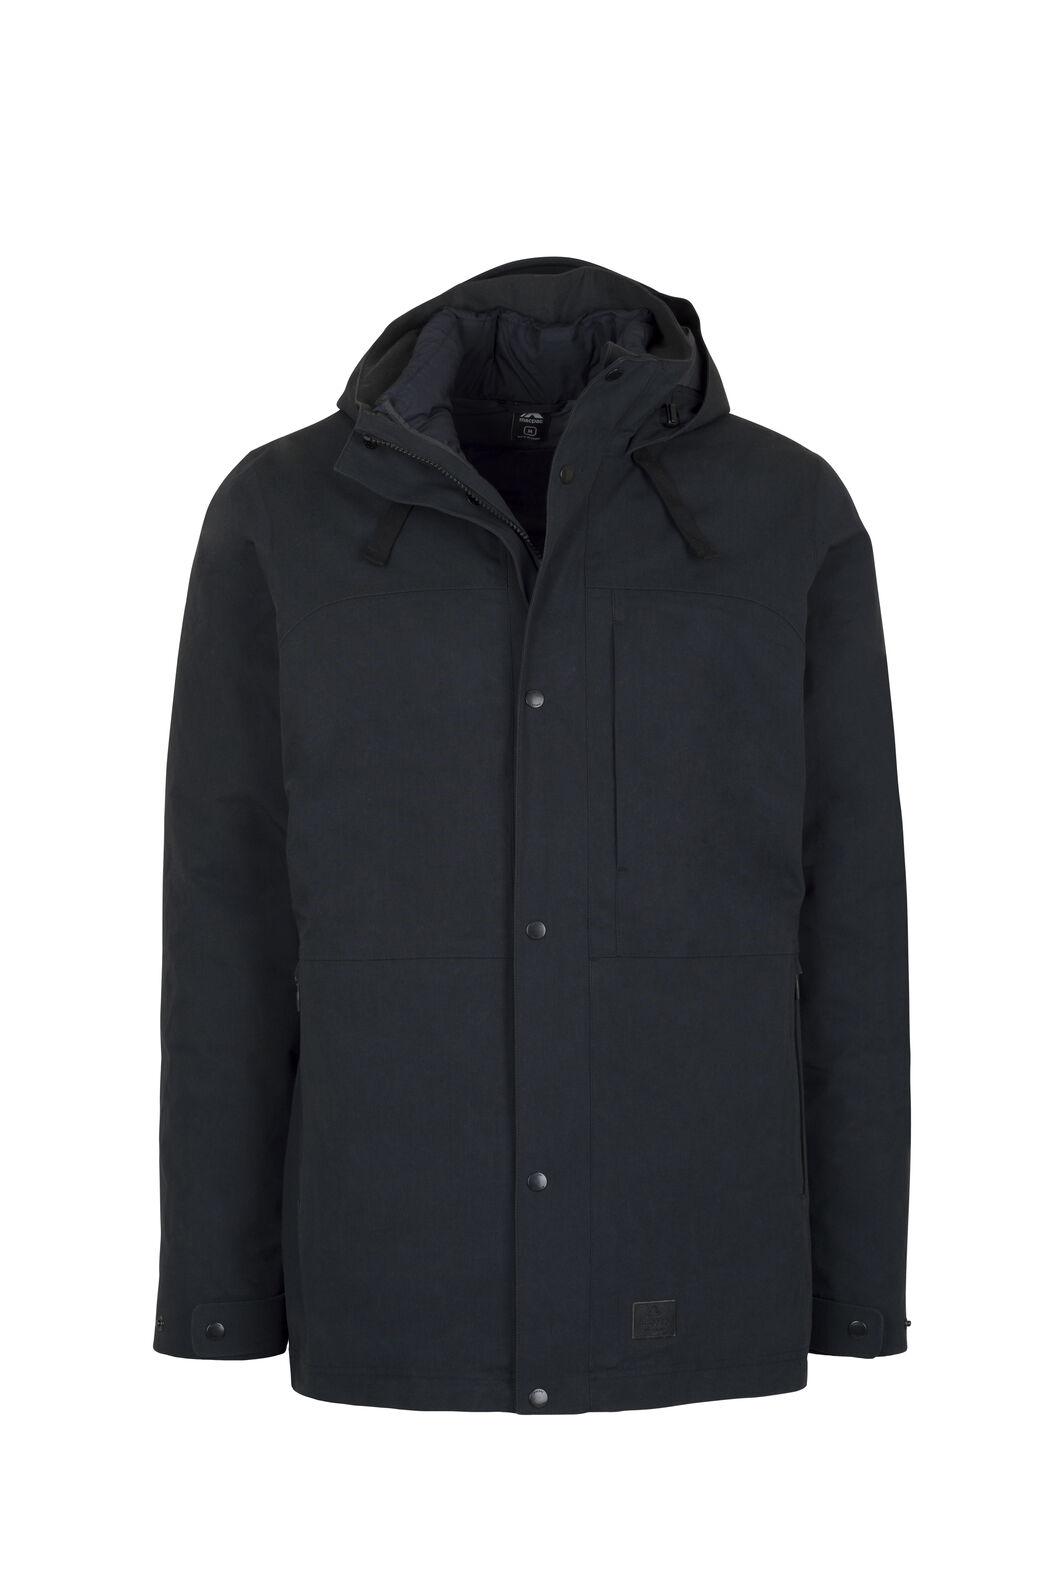 Macpac Element Three-In-One Pertex® Coat — Men's, Black, hi-res